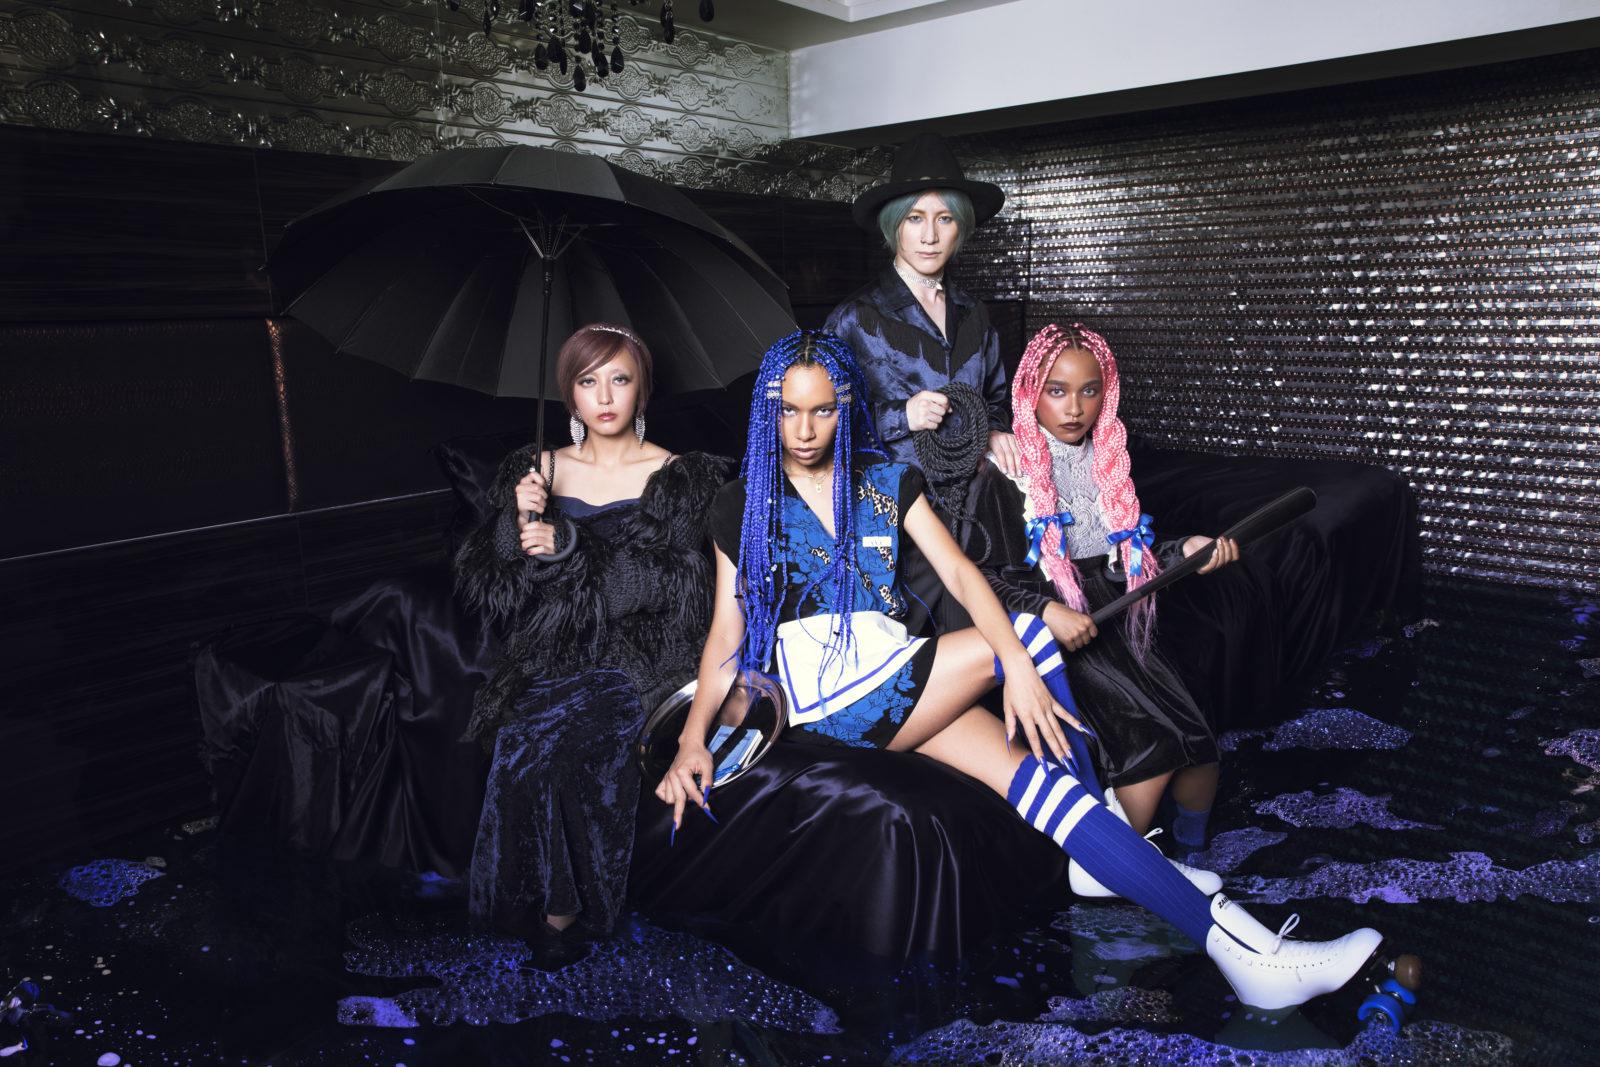 女王蜂、先日配信されたNEWアルバム発売記念YouTube Liveを期間限定公開サムネイル画像!